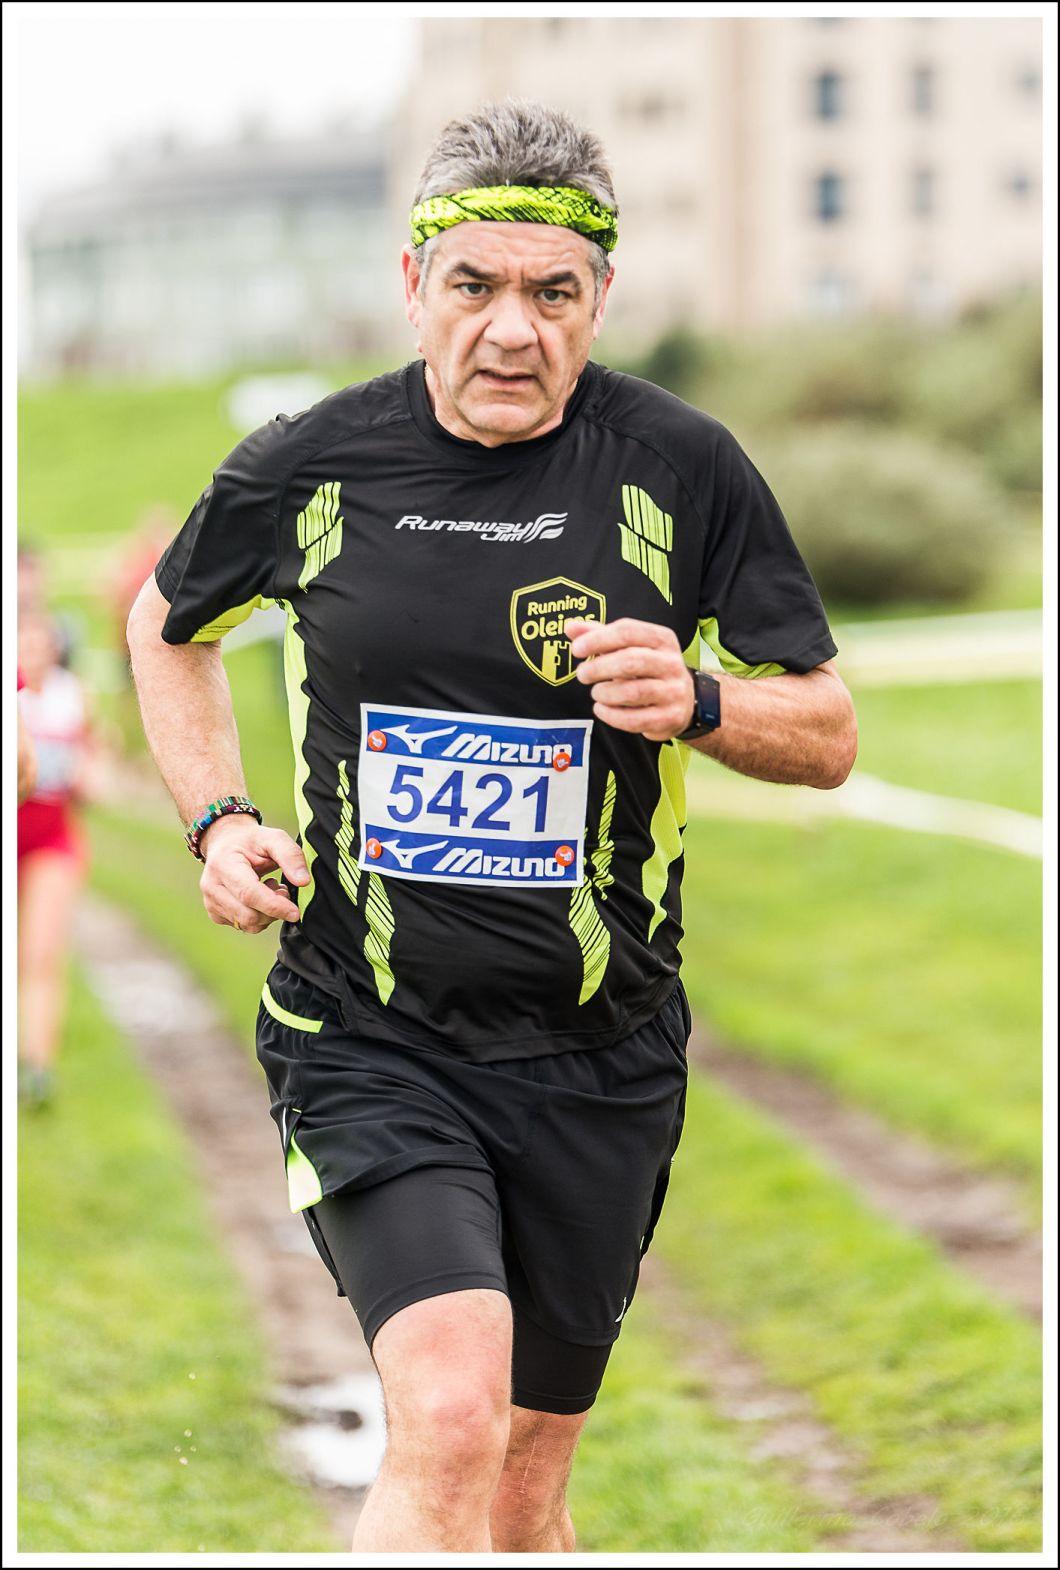 Guillermo Cobelo